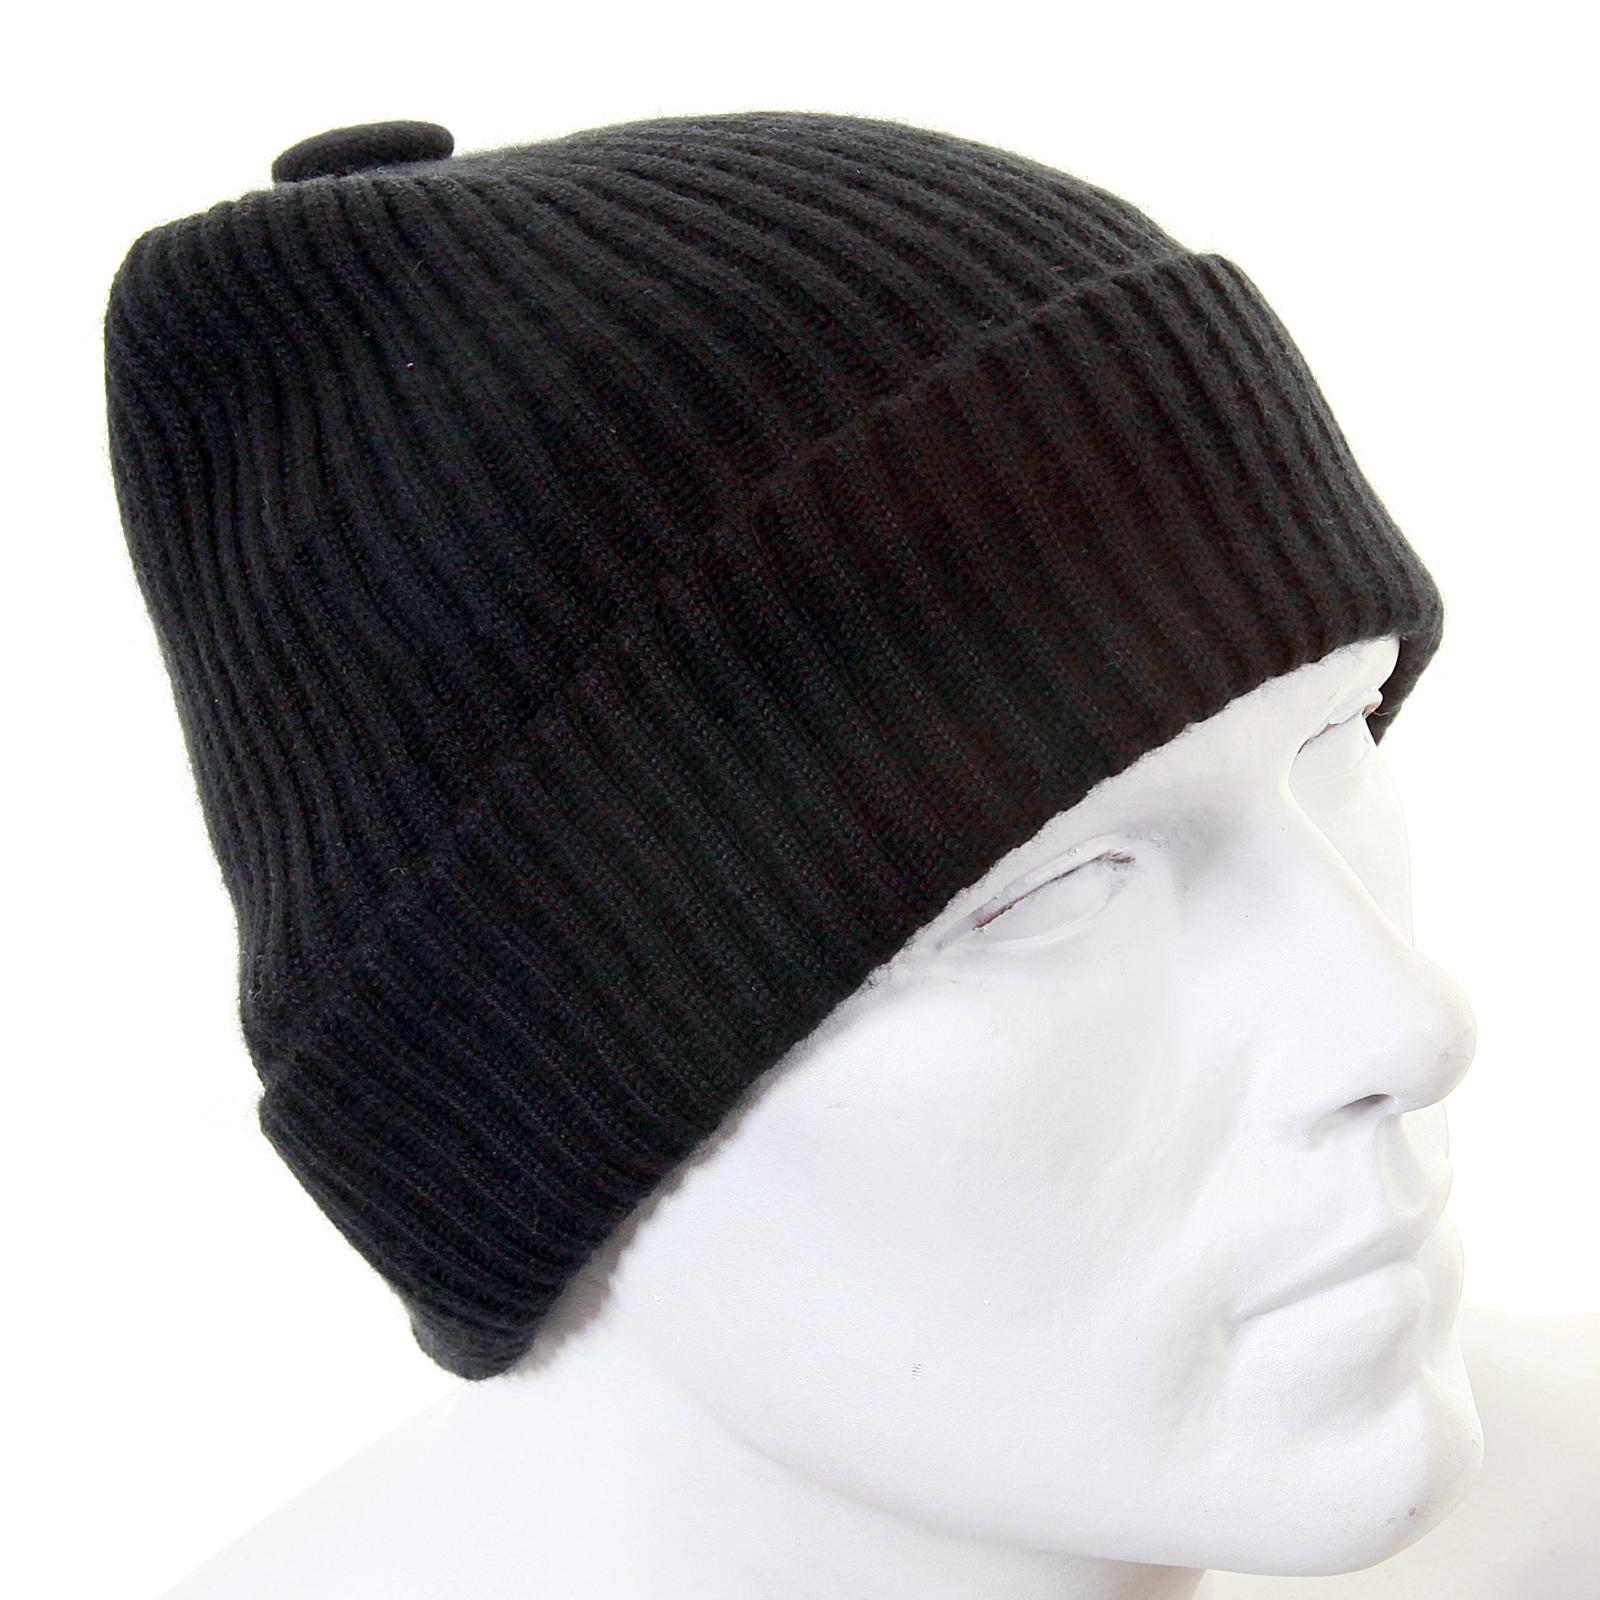 60af6b73747096 Armani Jeans black rib knit beanie hat S6404 P3 AJM1340 at Togged ...